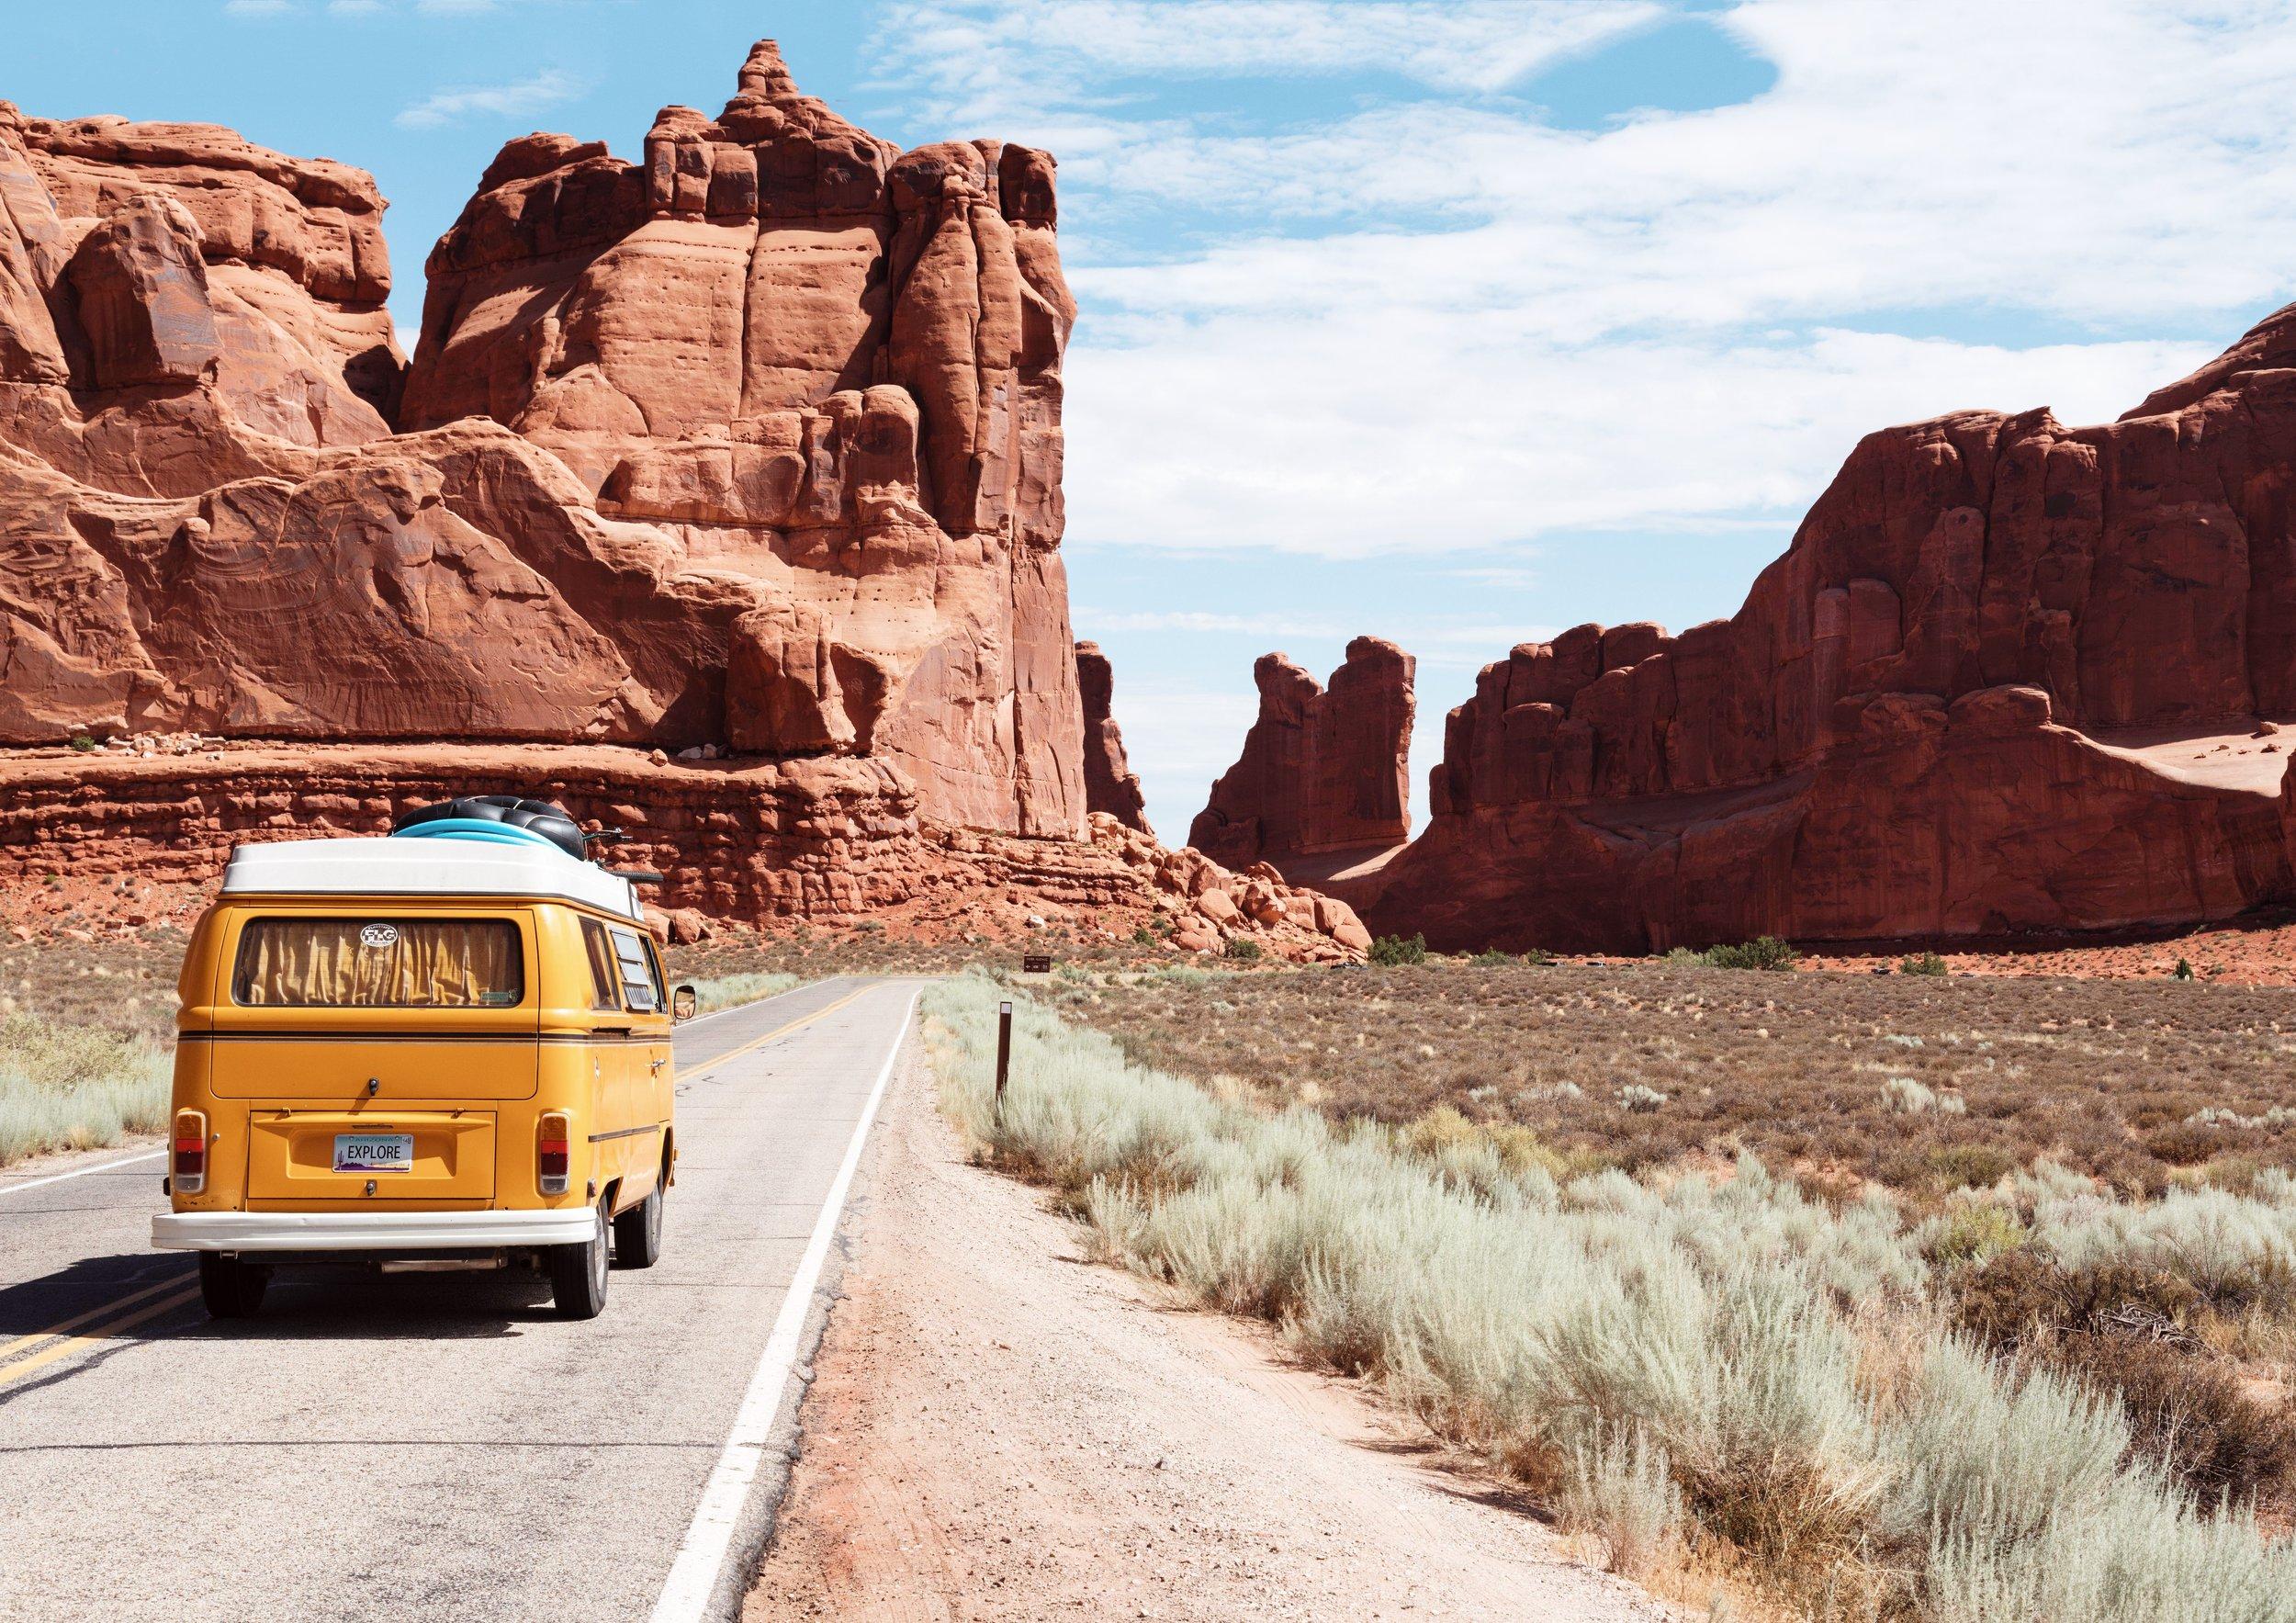 VW Campervan National Park, Arizona, America Credit: Dino-Reichmuth-unsplash.jpg